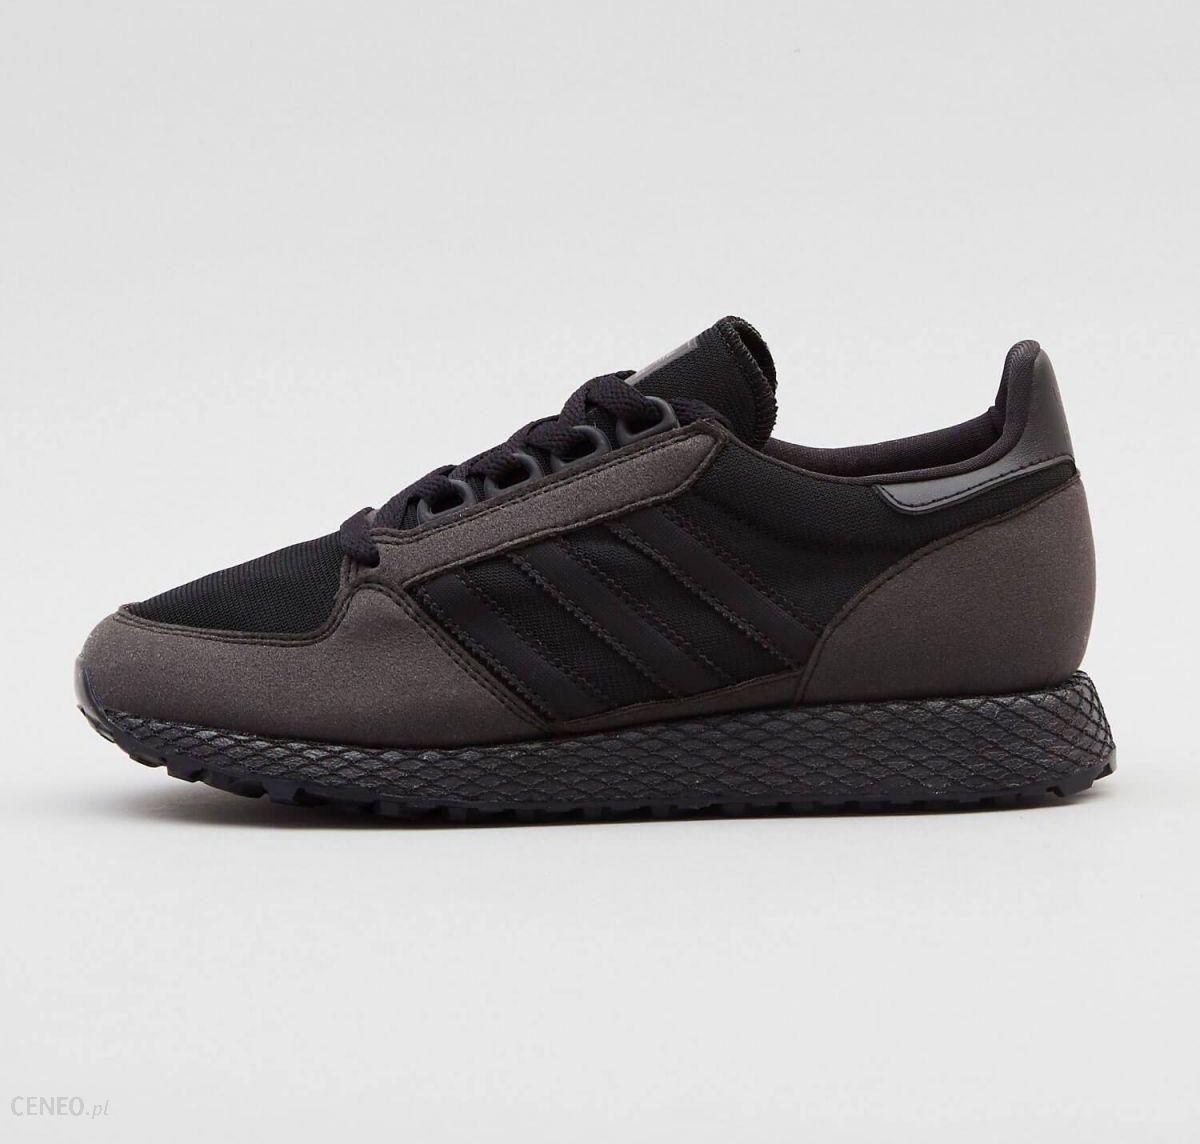 Adidas FOREST GROVE J G27822 Ceny i opinie Ceneo.pl